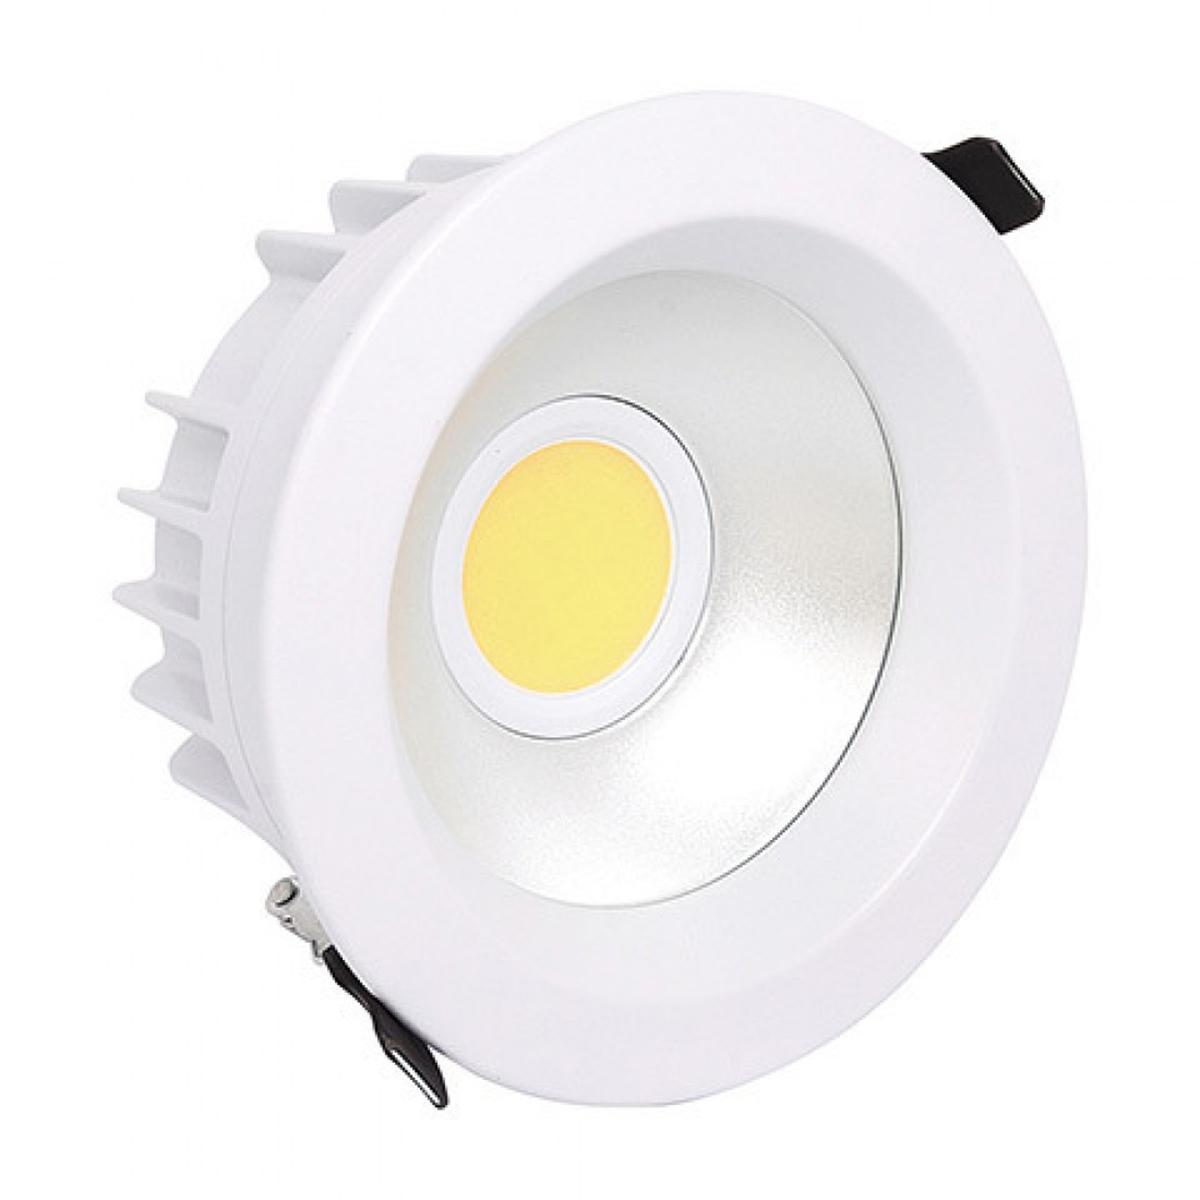 Встраиваемый светодиодный светильник Horoz 8W 4200K белый 016-019-0008 (HL695L) встраиваемый светодиодный светильник horoz 8w 6500к 016 020 0008 hl692l